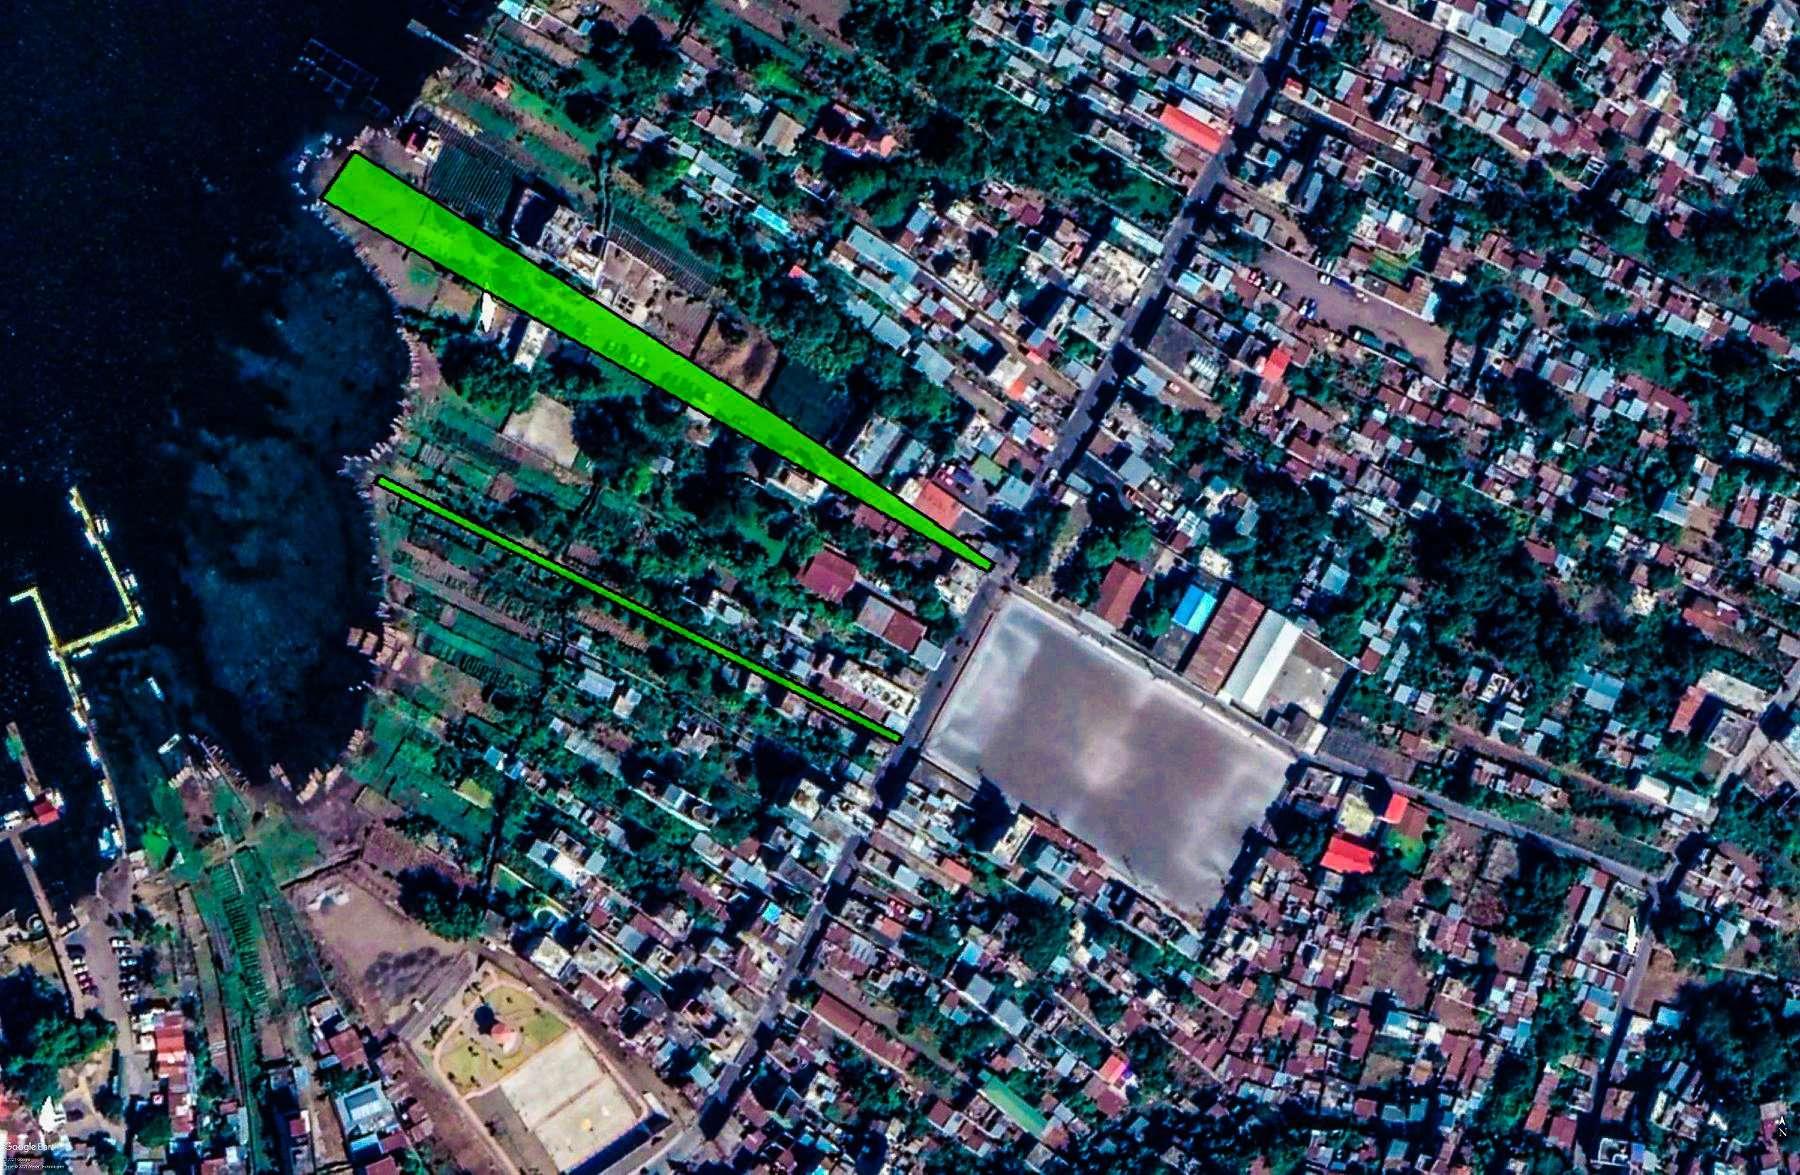 Municipalidad de Santiago Atitlán intenta apropiarse de playa comunal